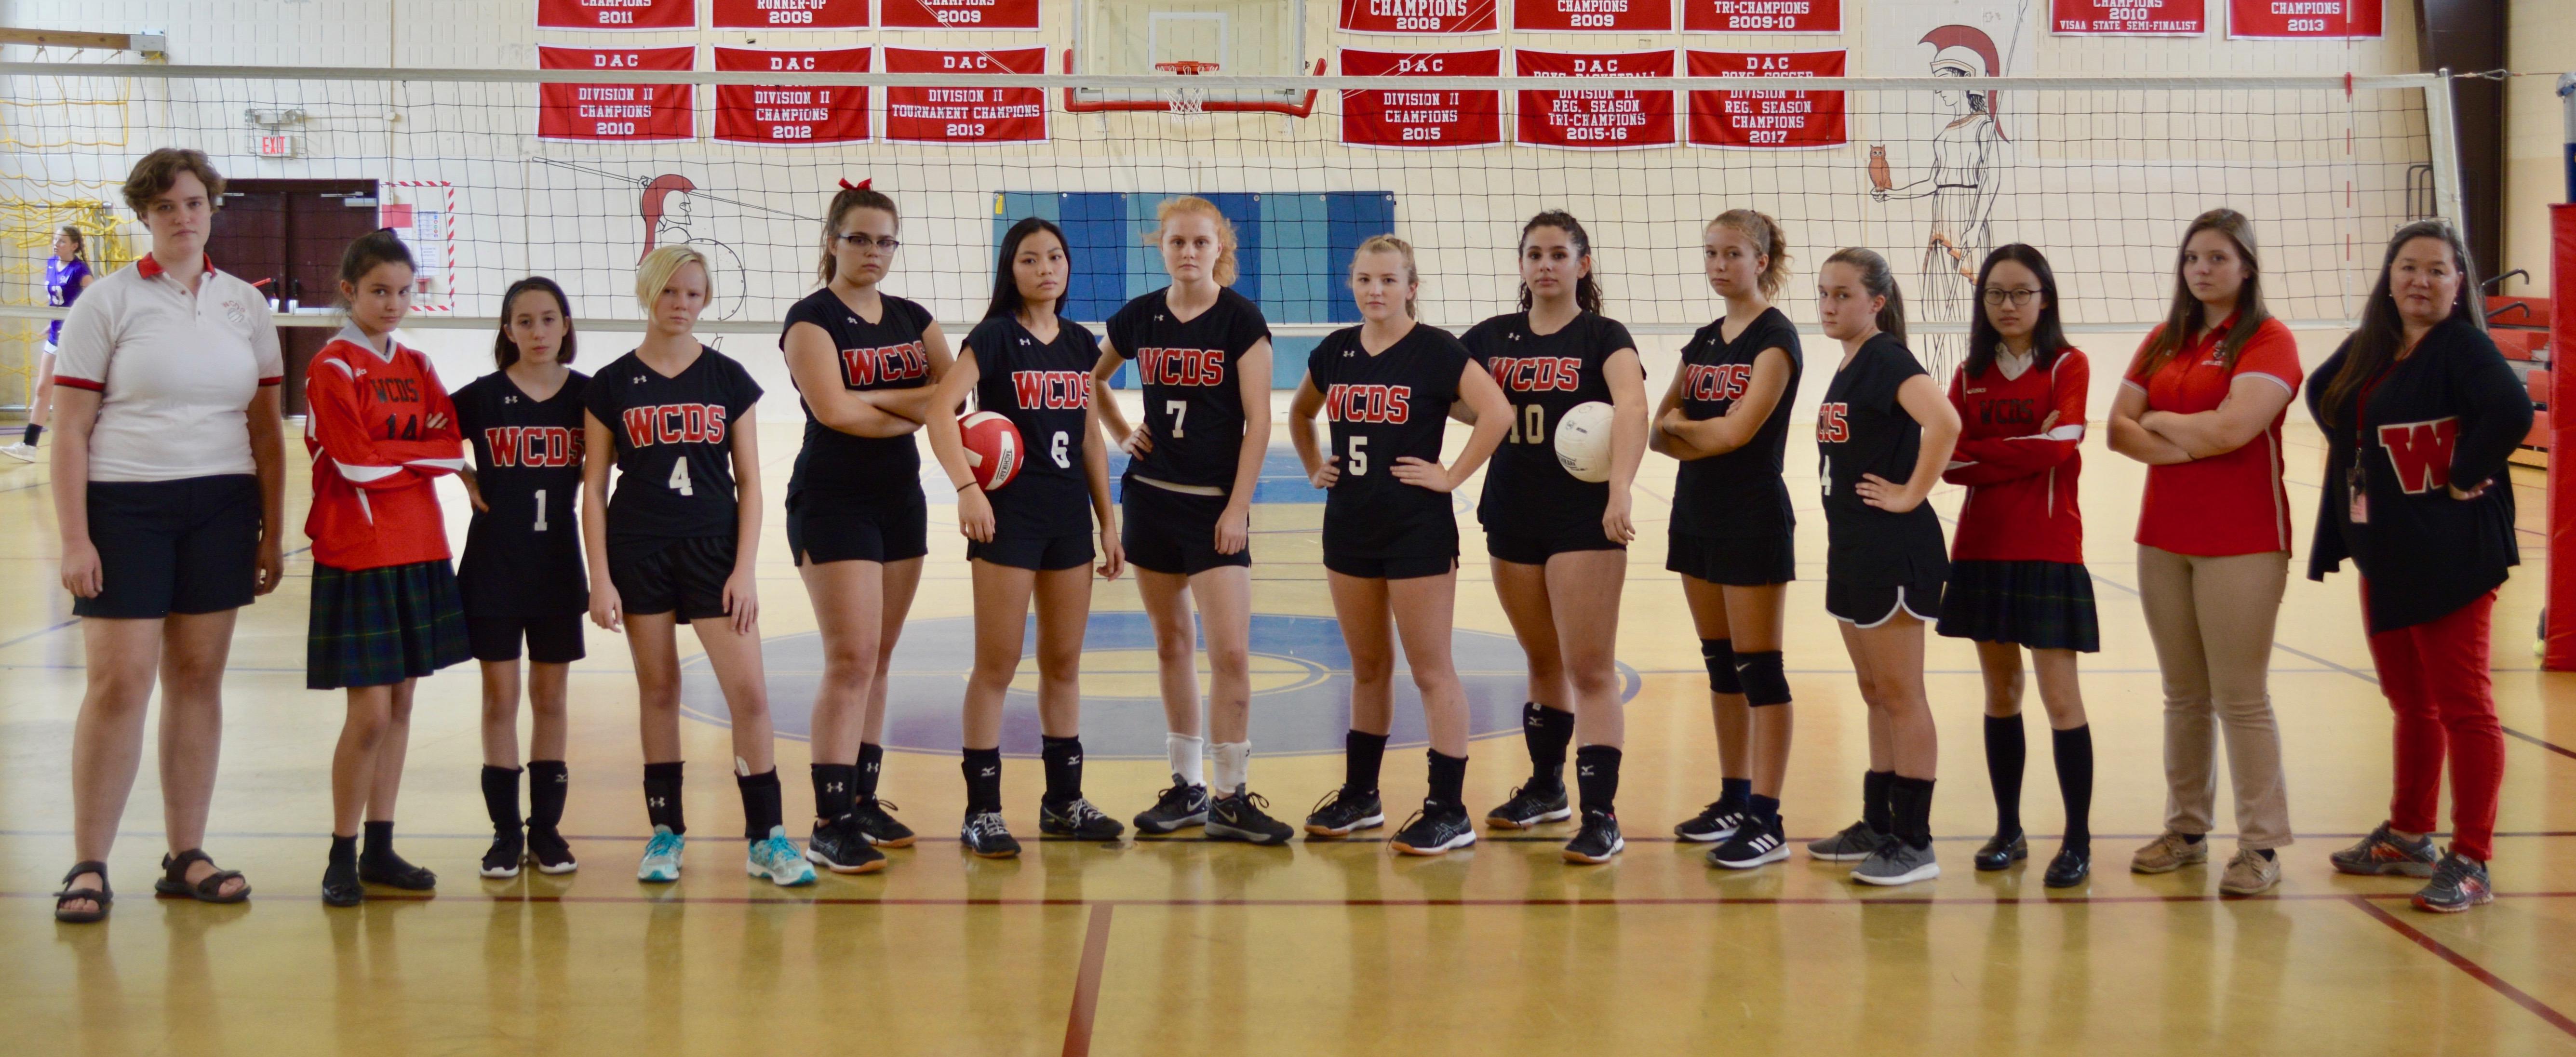 Varsity Volleyball Season Opener